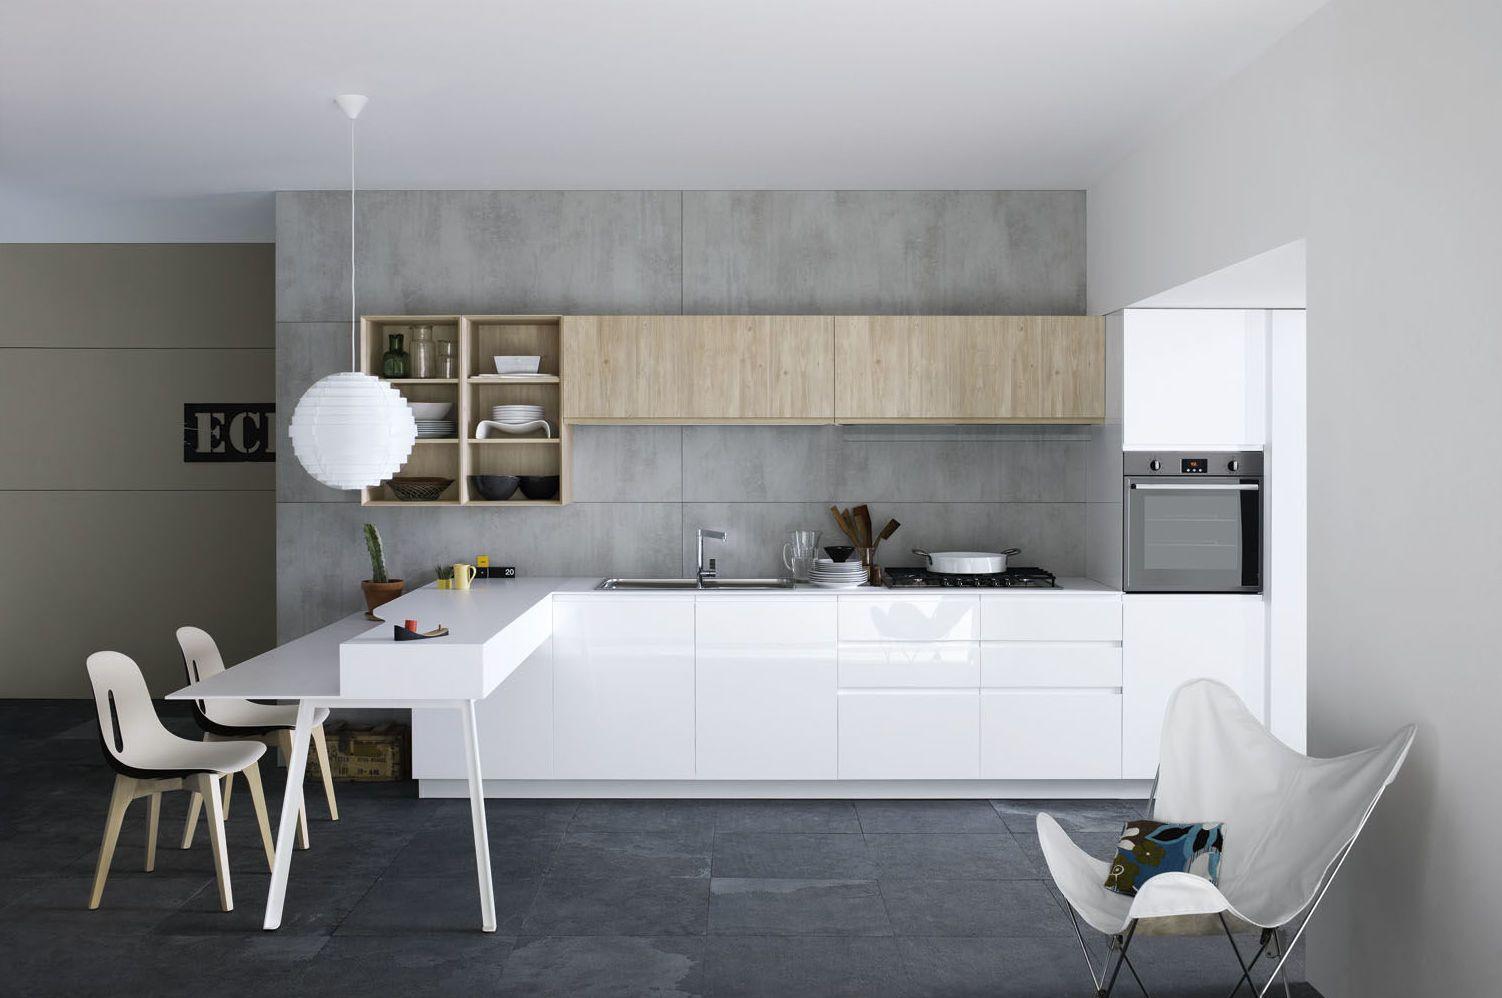 Tiendas de muebles de cocina en Bilbao con precios económicos ...